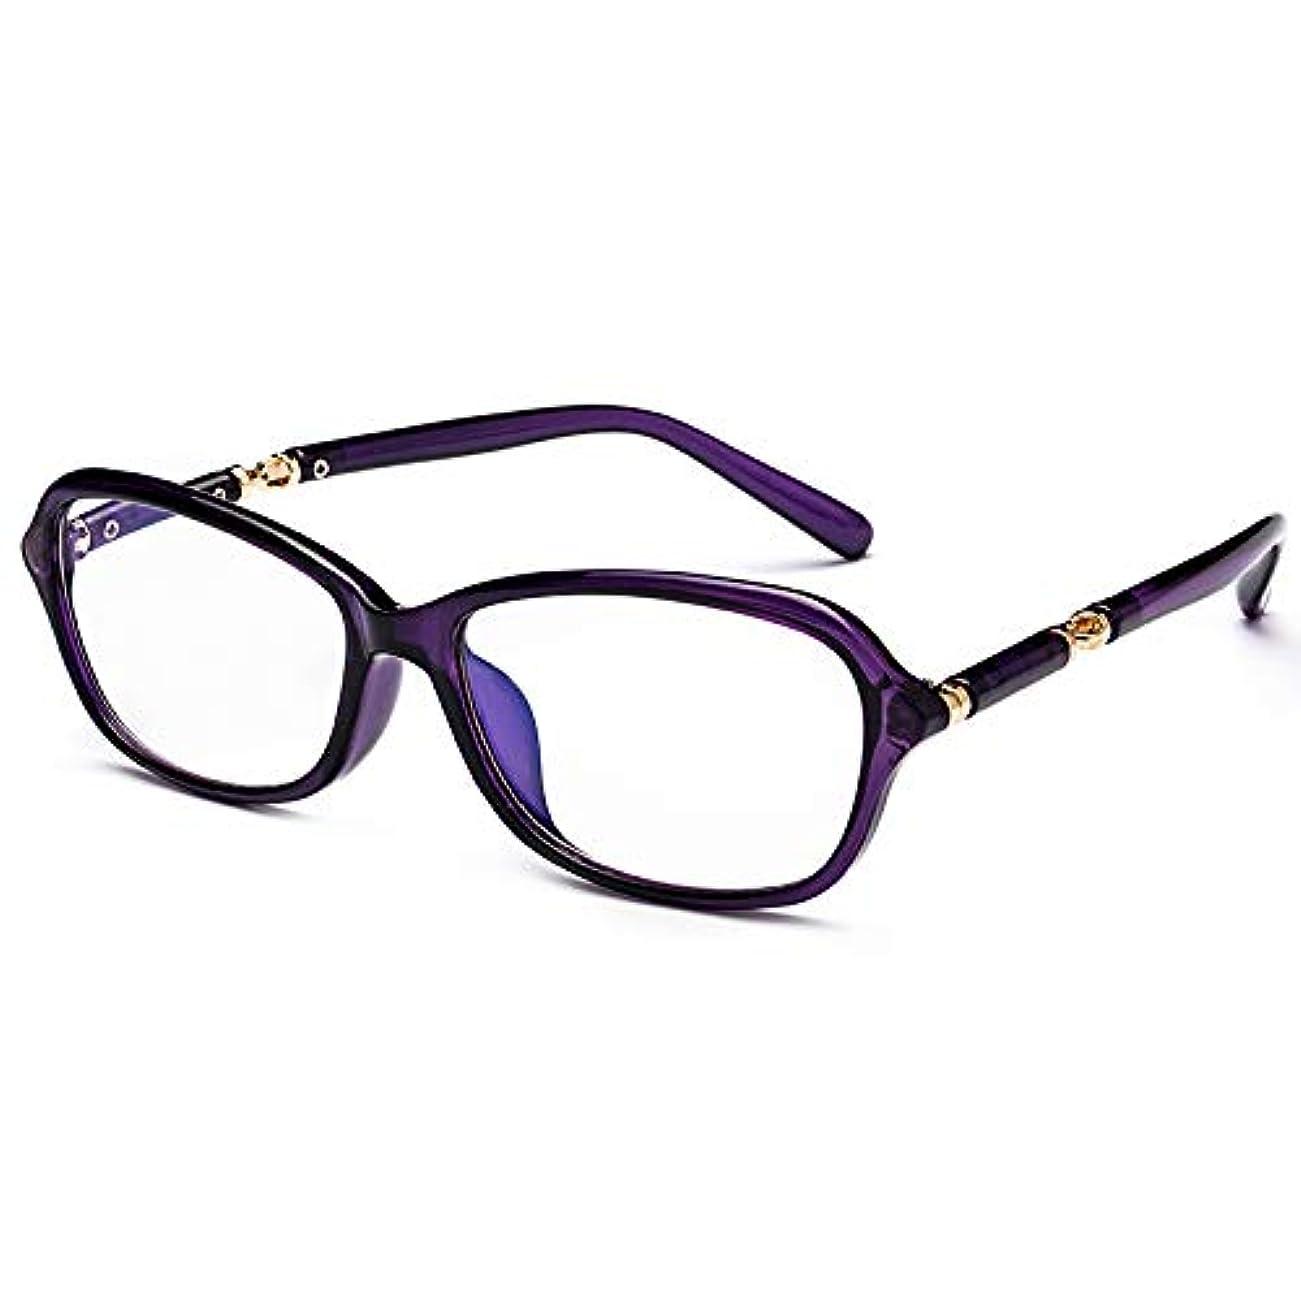 インテリジェント自動ズーム老眼鏡、男性と女性のためのデュアルユースマルチフォーカス老眼鏡、快適なHD老眼鏡、両親の最高の贈り物ZDDAB